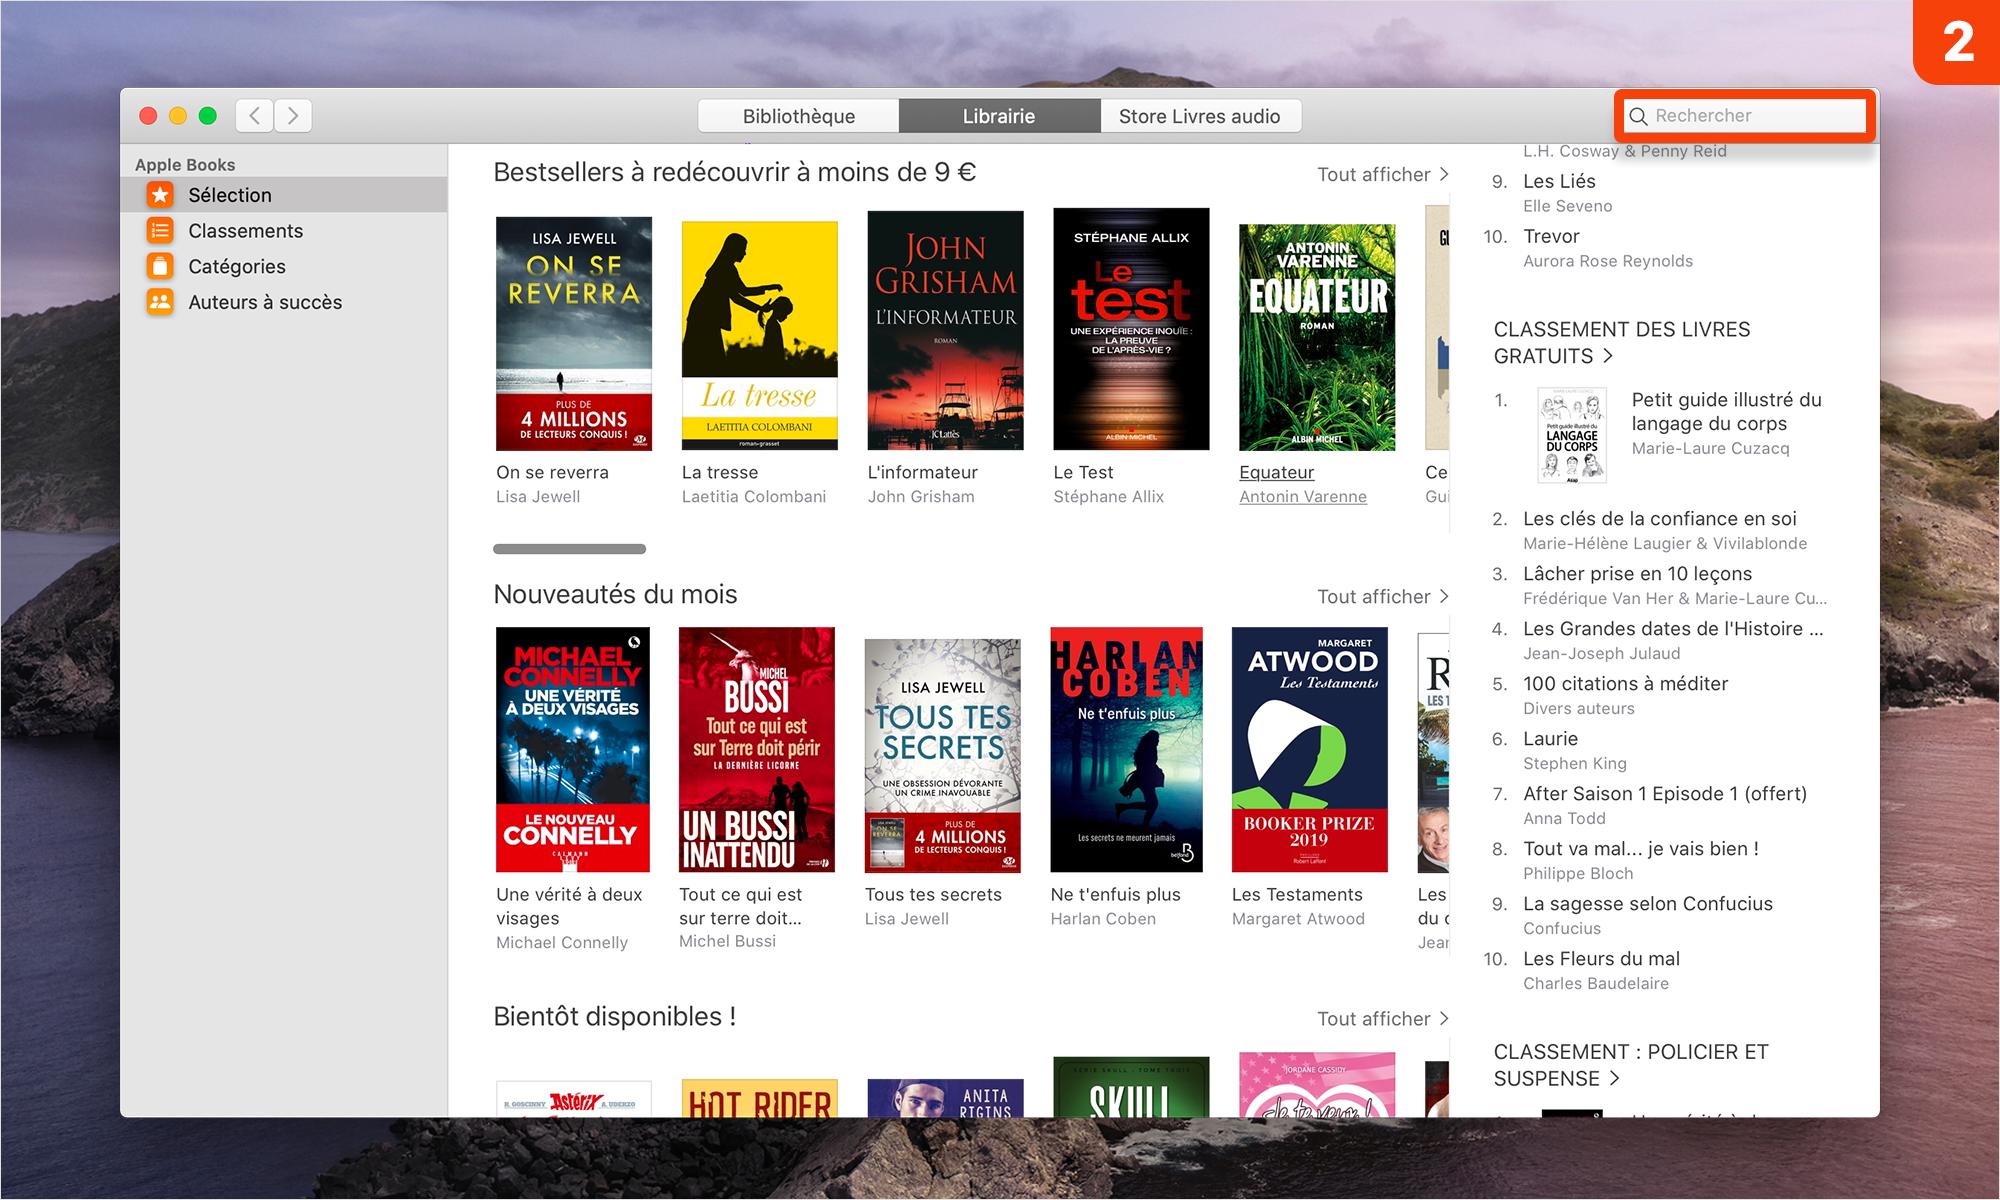 [Ebooks] Comment acheter nos livres depuis un Mac ou un iPhone/iPad